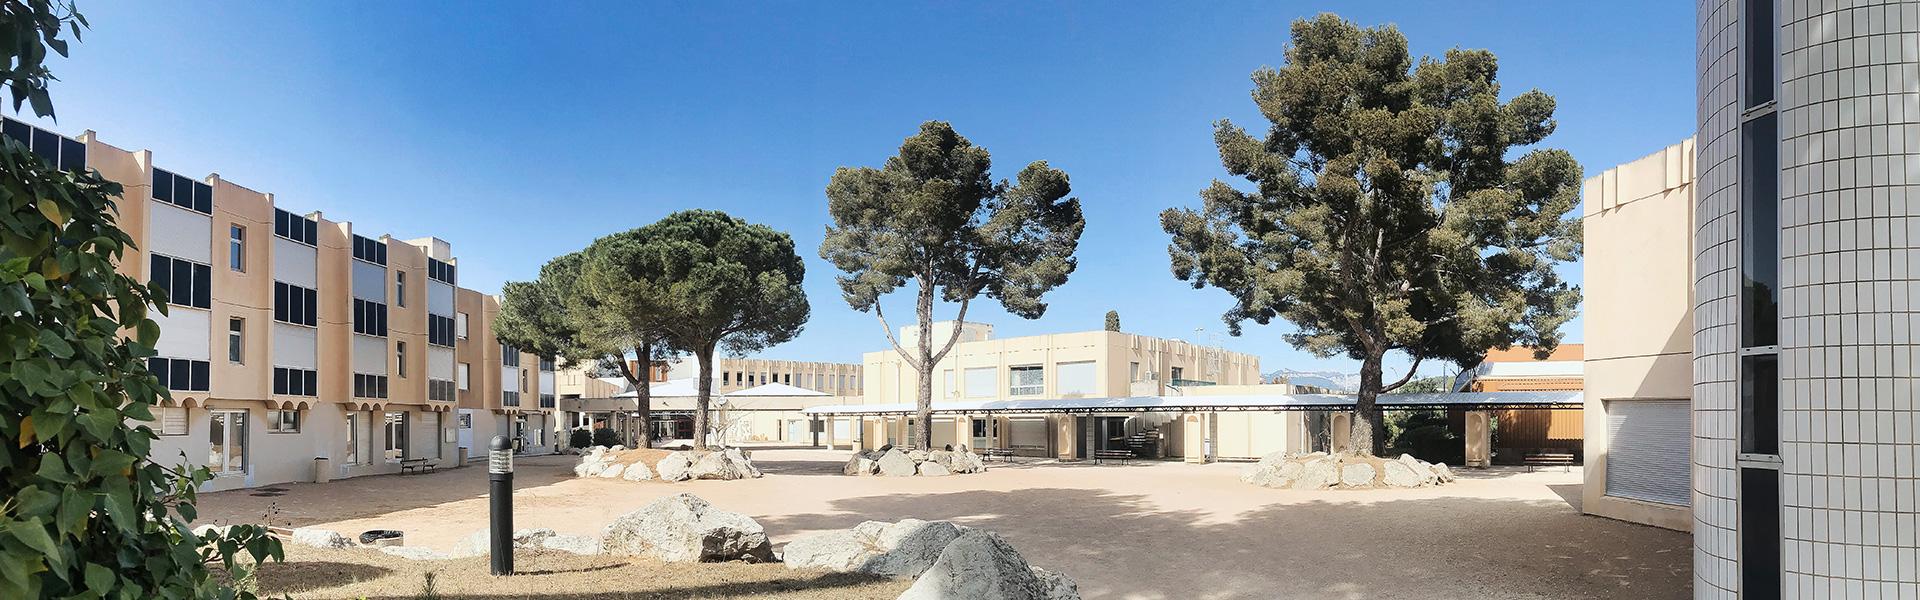 Lycée Professionnel de la Coudoulière